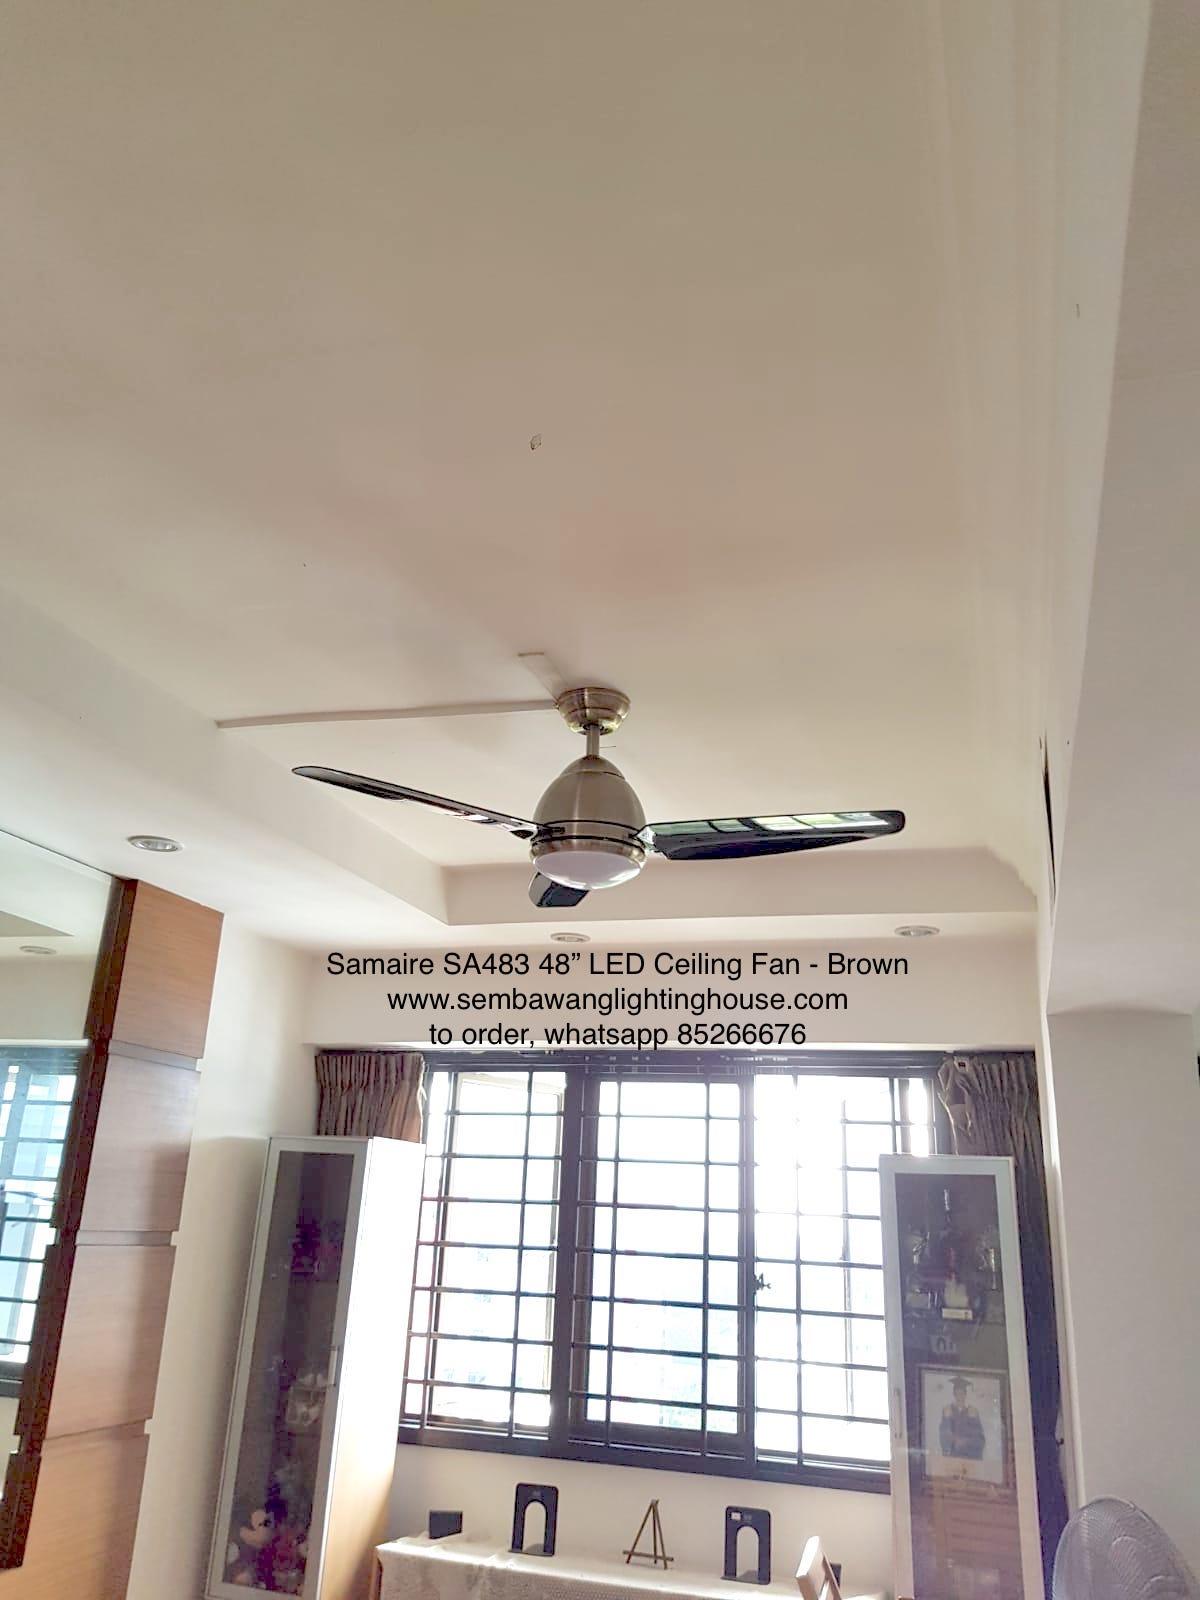 sample01-samaire-sa483-led-ceiling-fan-brown-sembawang-lighting-house.jpg